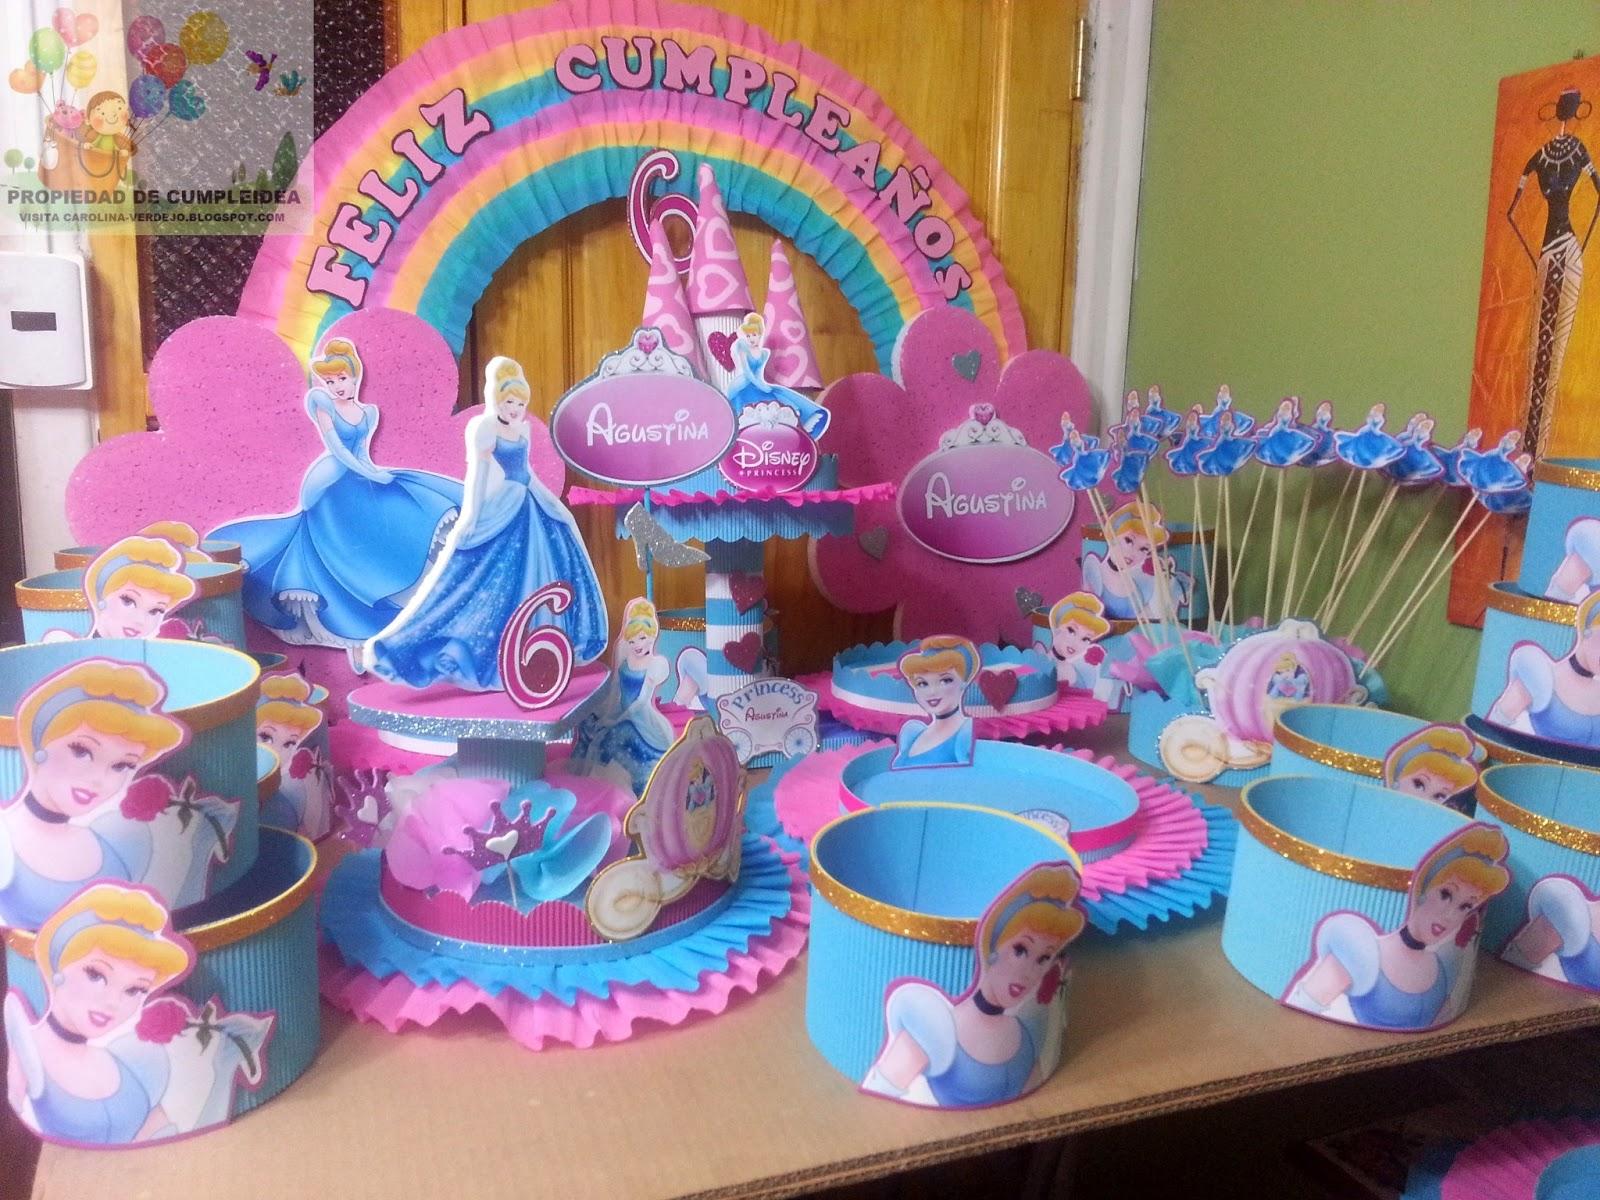 Decoraciones infantiles princesa cenicienta - Fiestas infantiles princesas disney ...